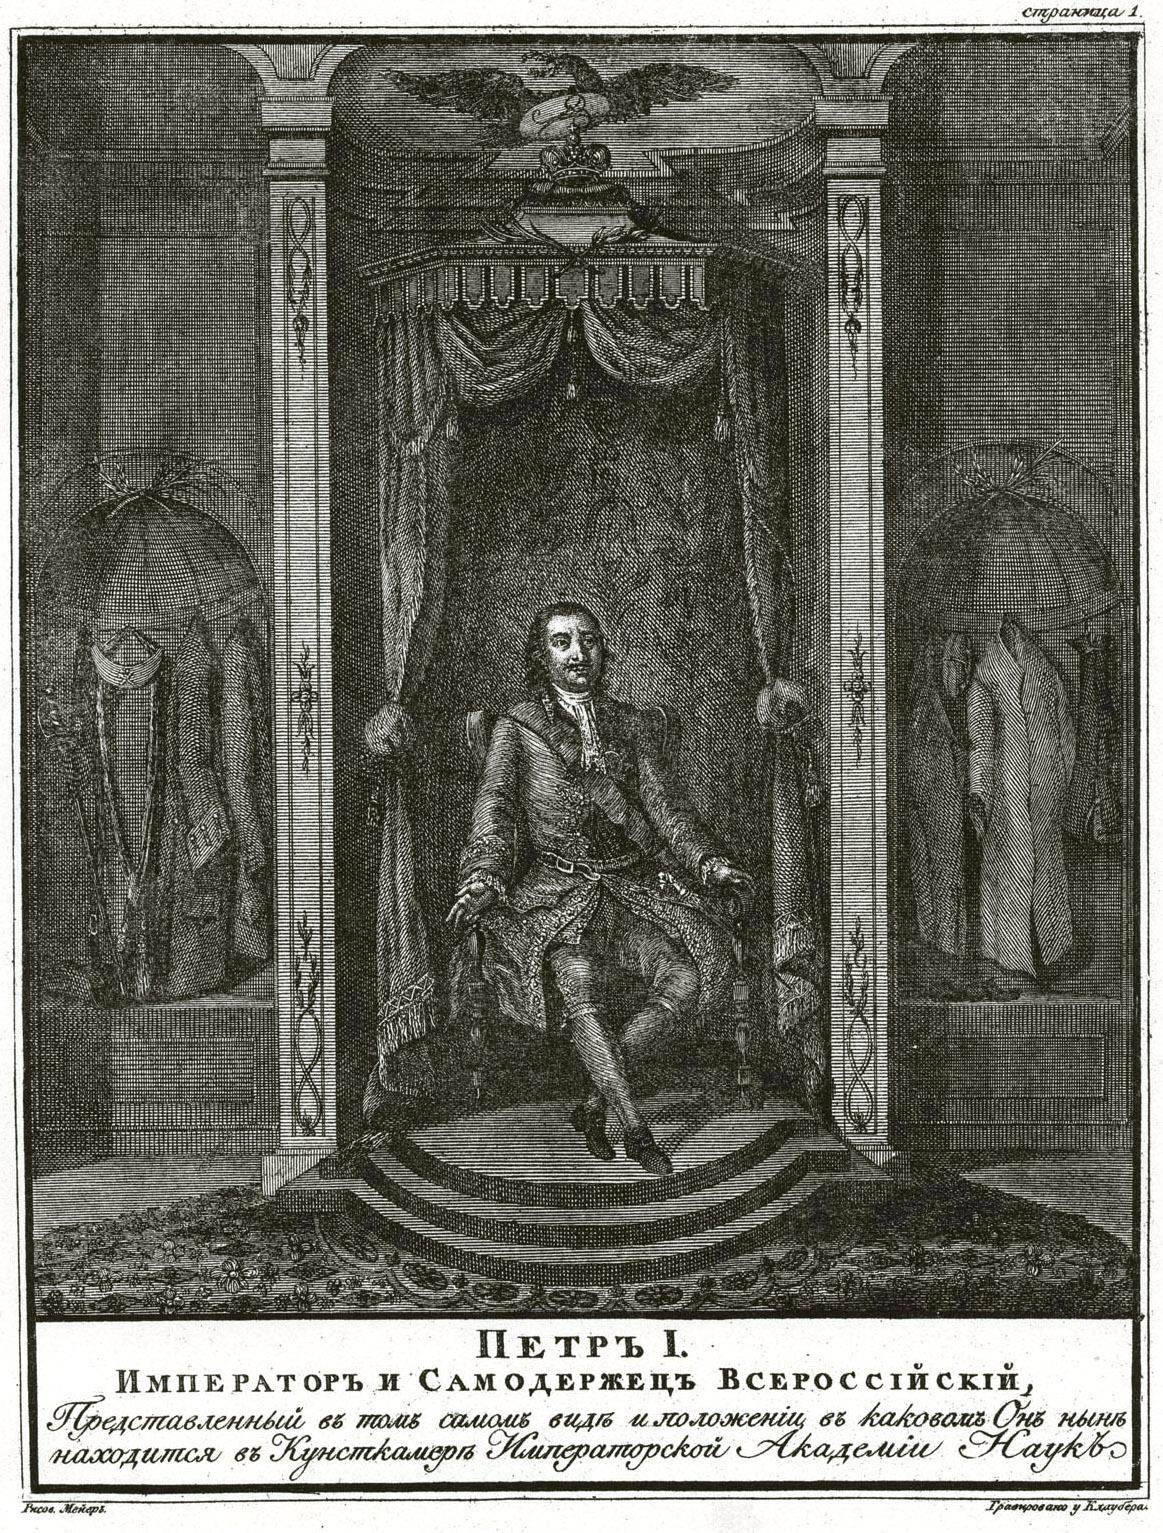 150. Восковая фигура Петра I в Эрмитаже